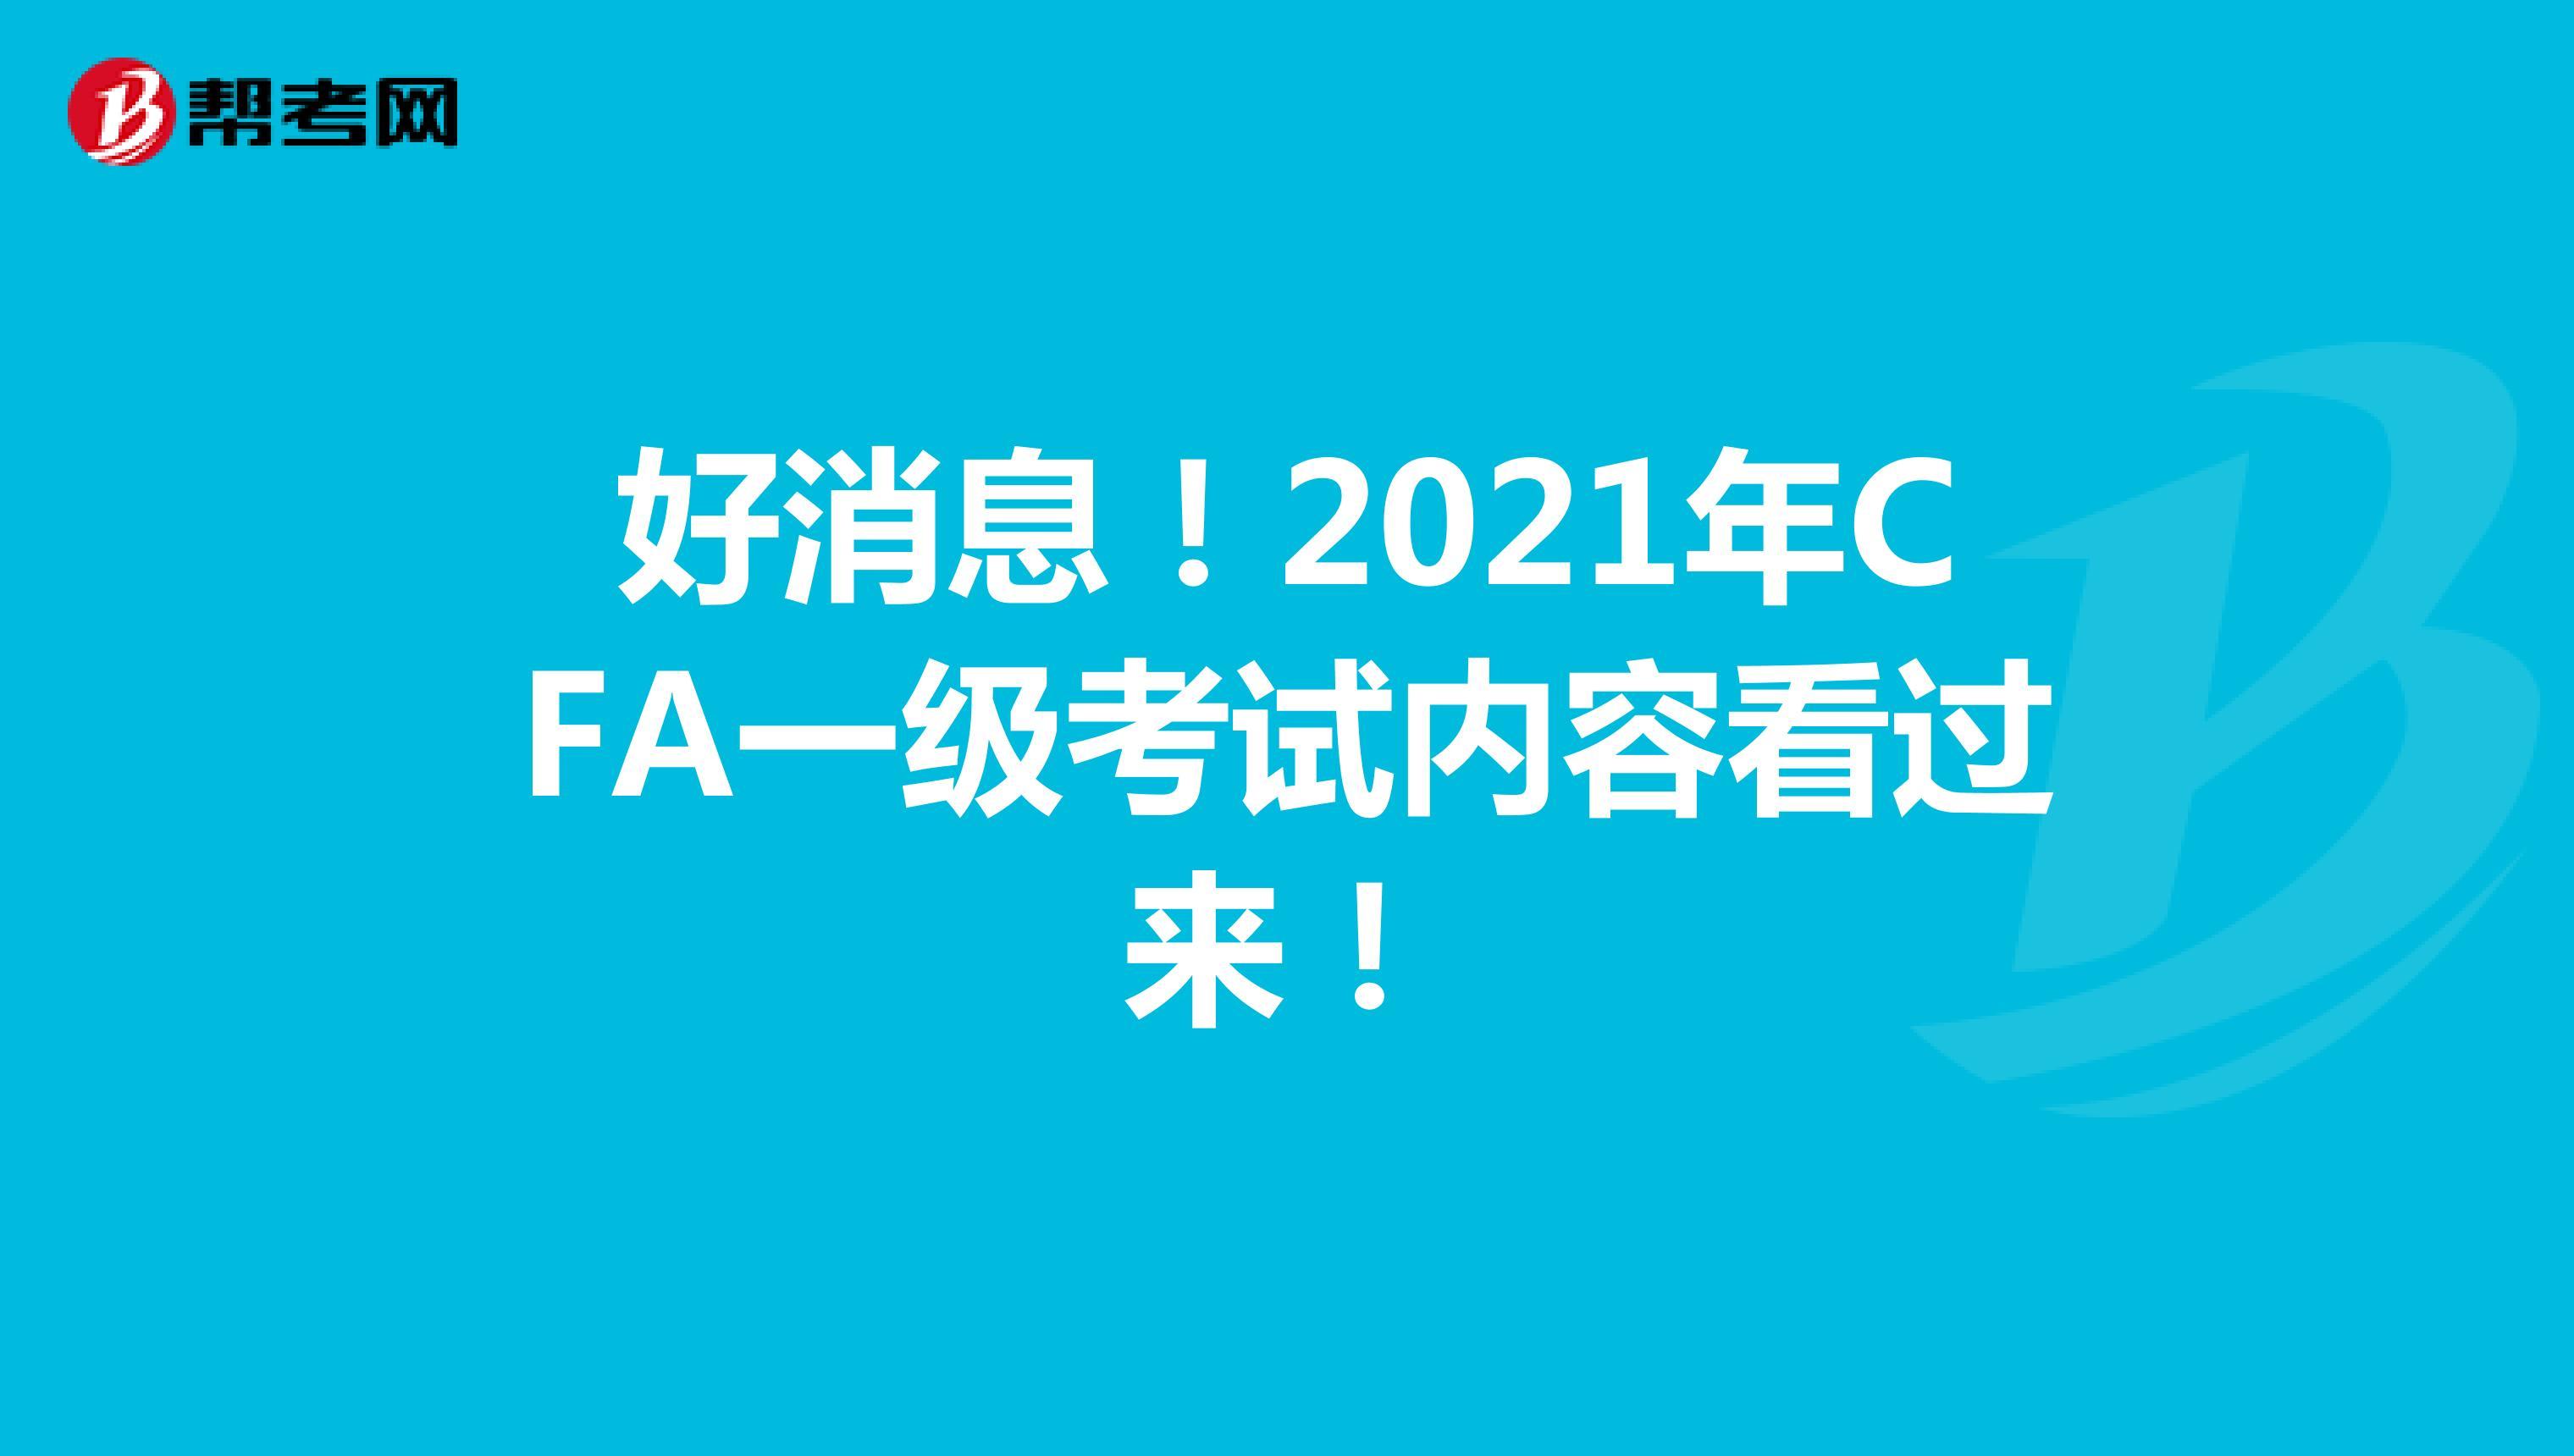 好消息!2021年CFA一级考试内容看过来!